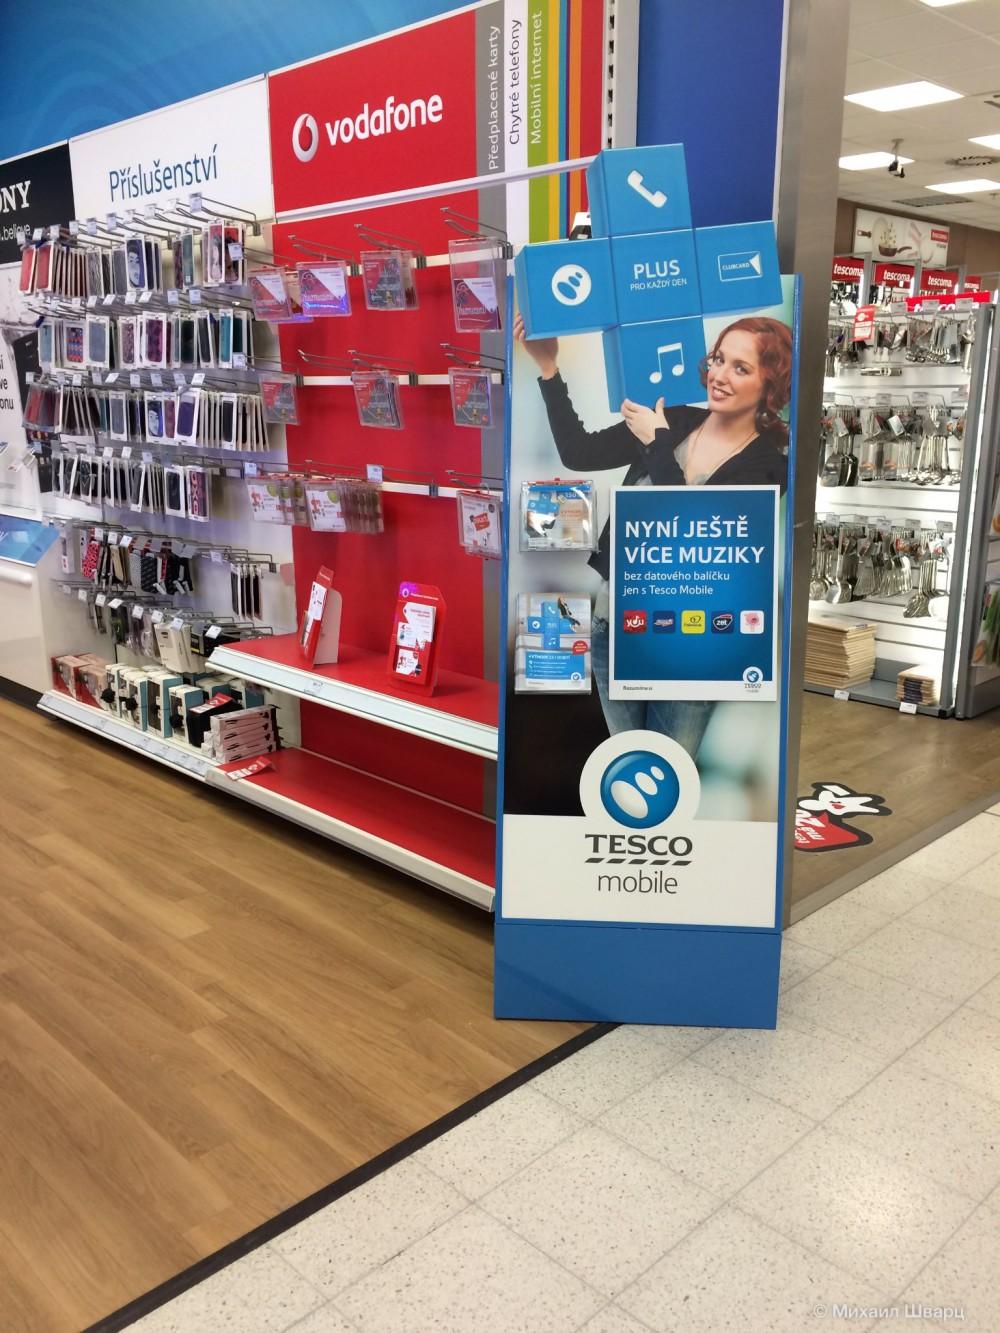 Тут же можно купить симку Vodafone или Tesco mobile